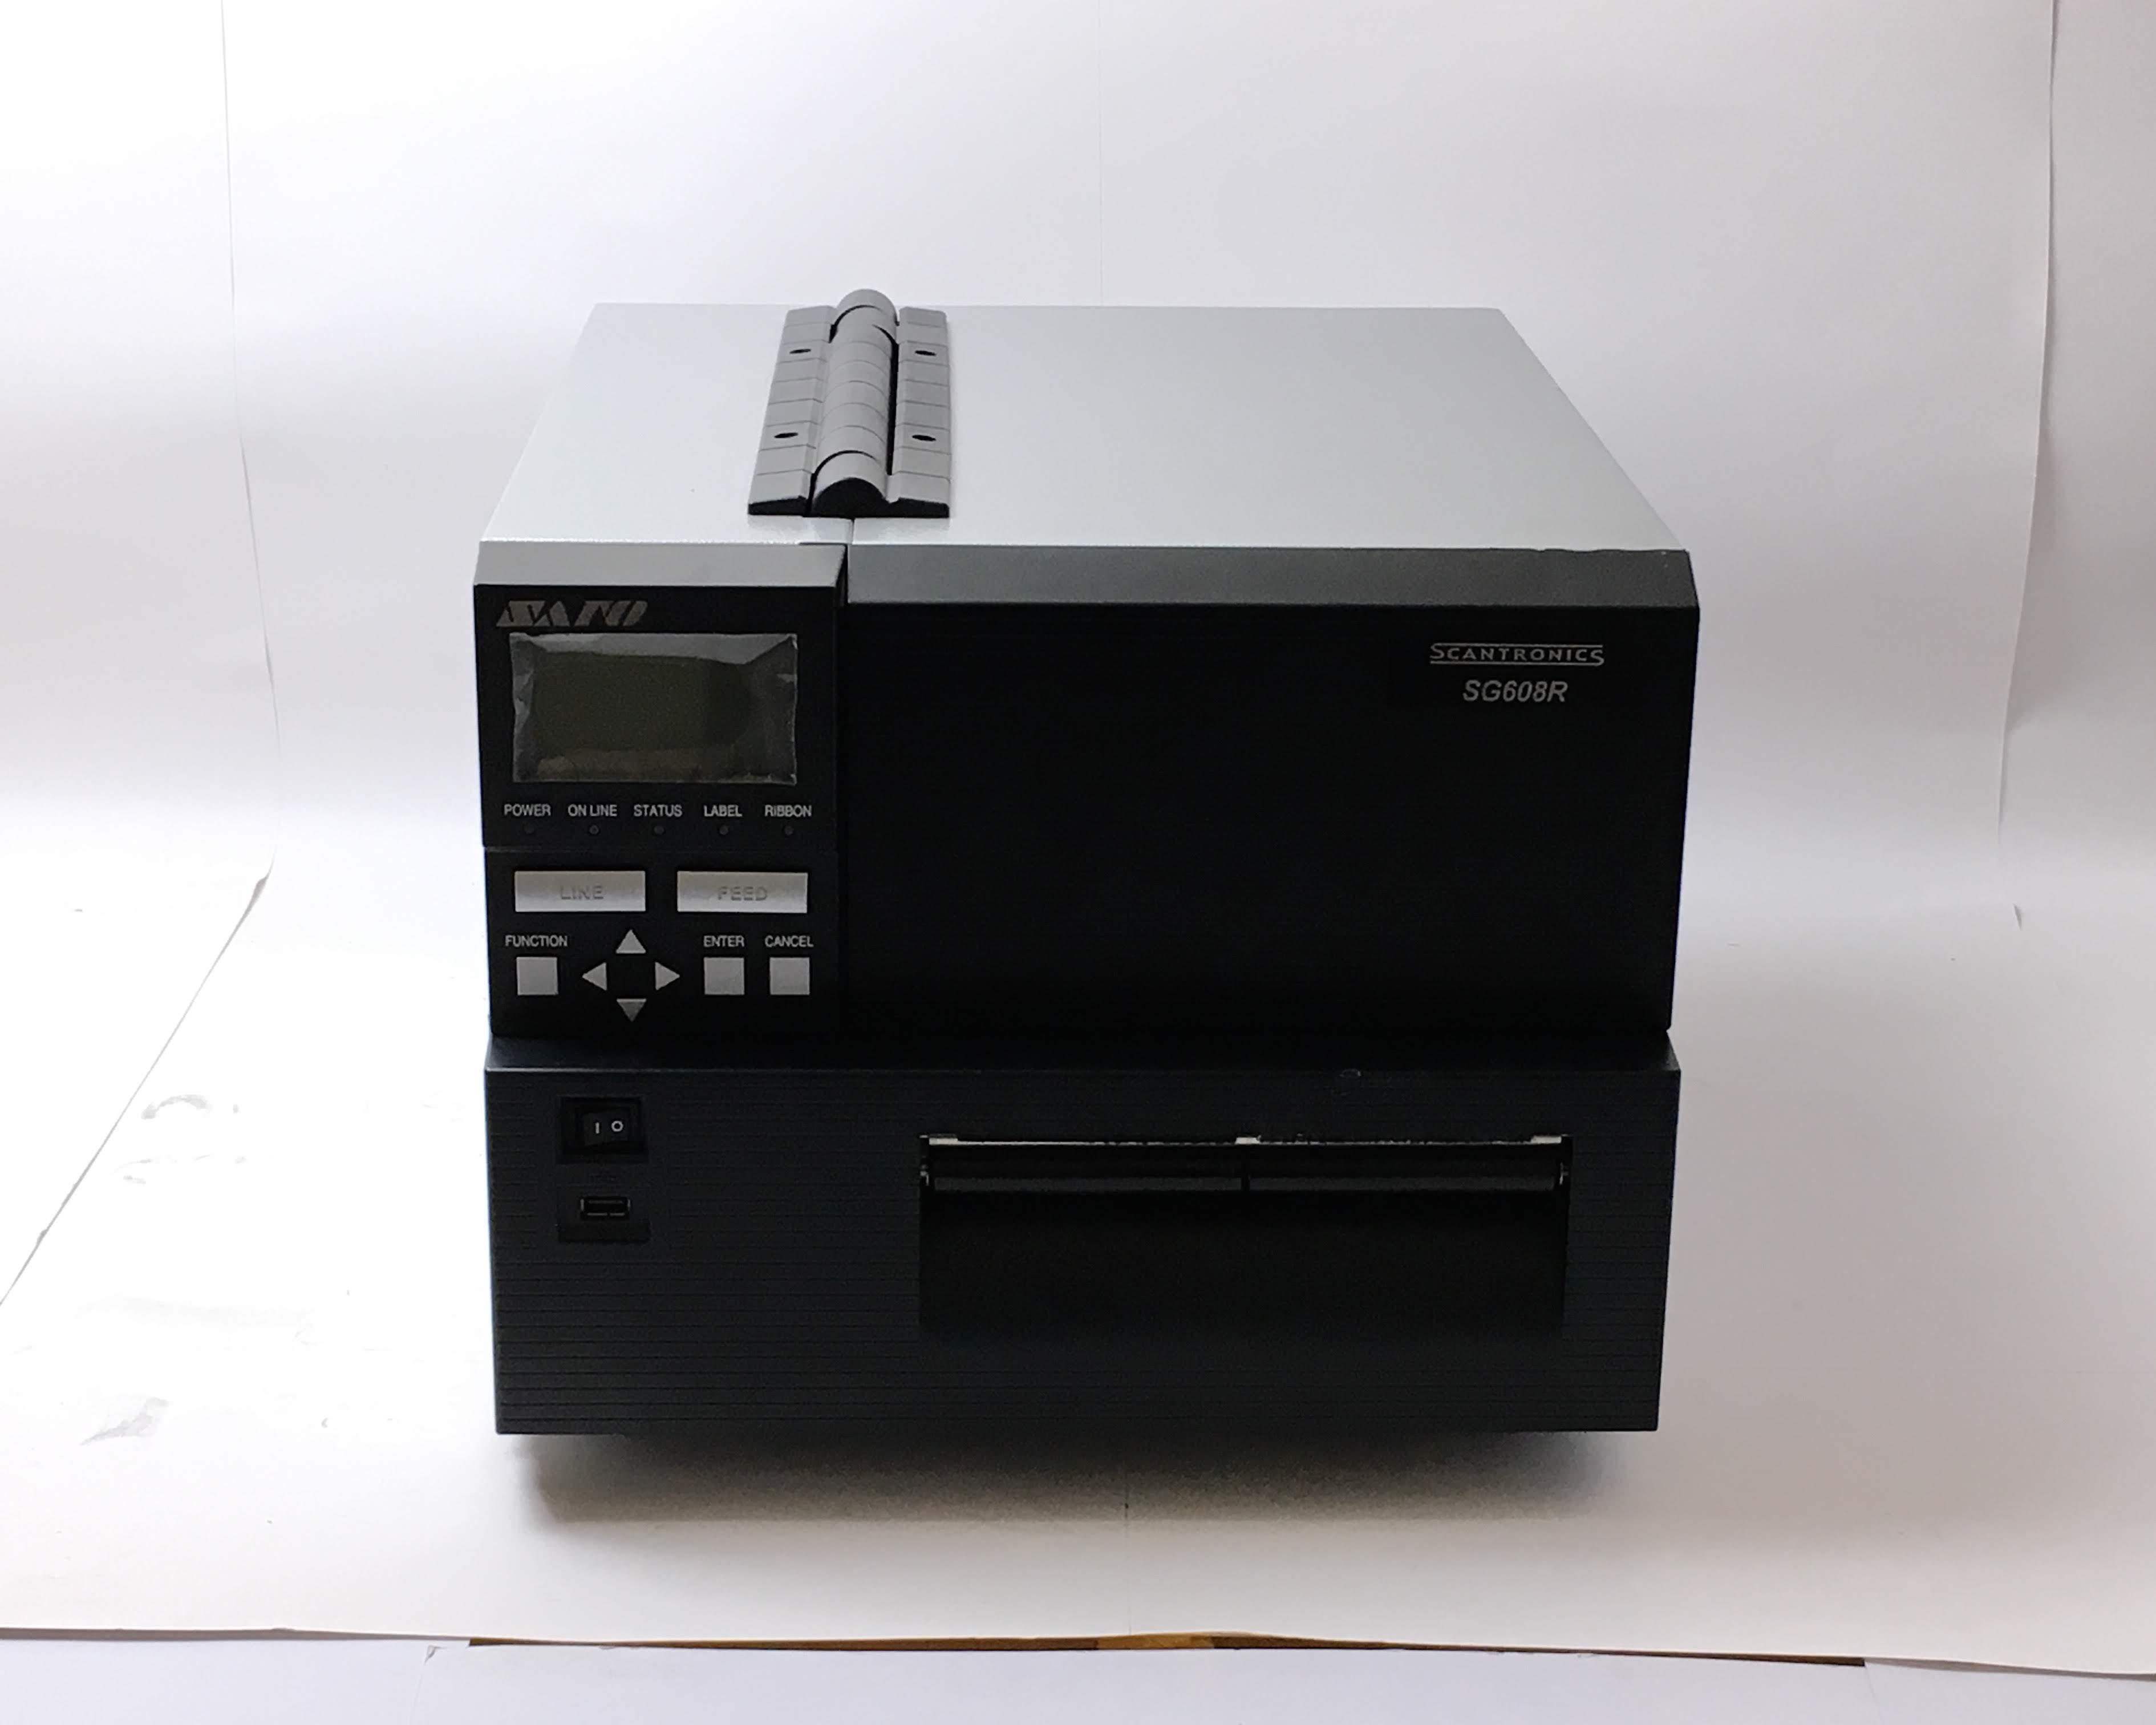 【中古】スキャントロニクス SG608Rプリンター メイン画像